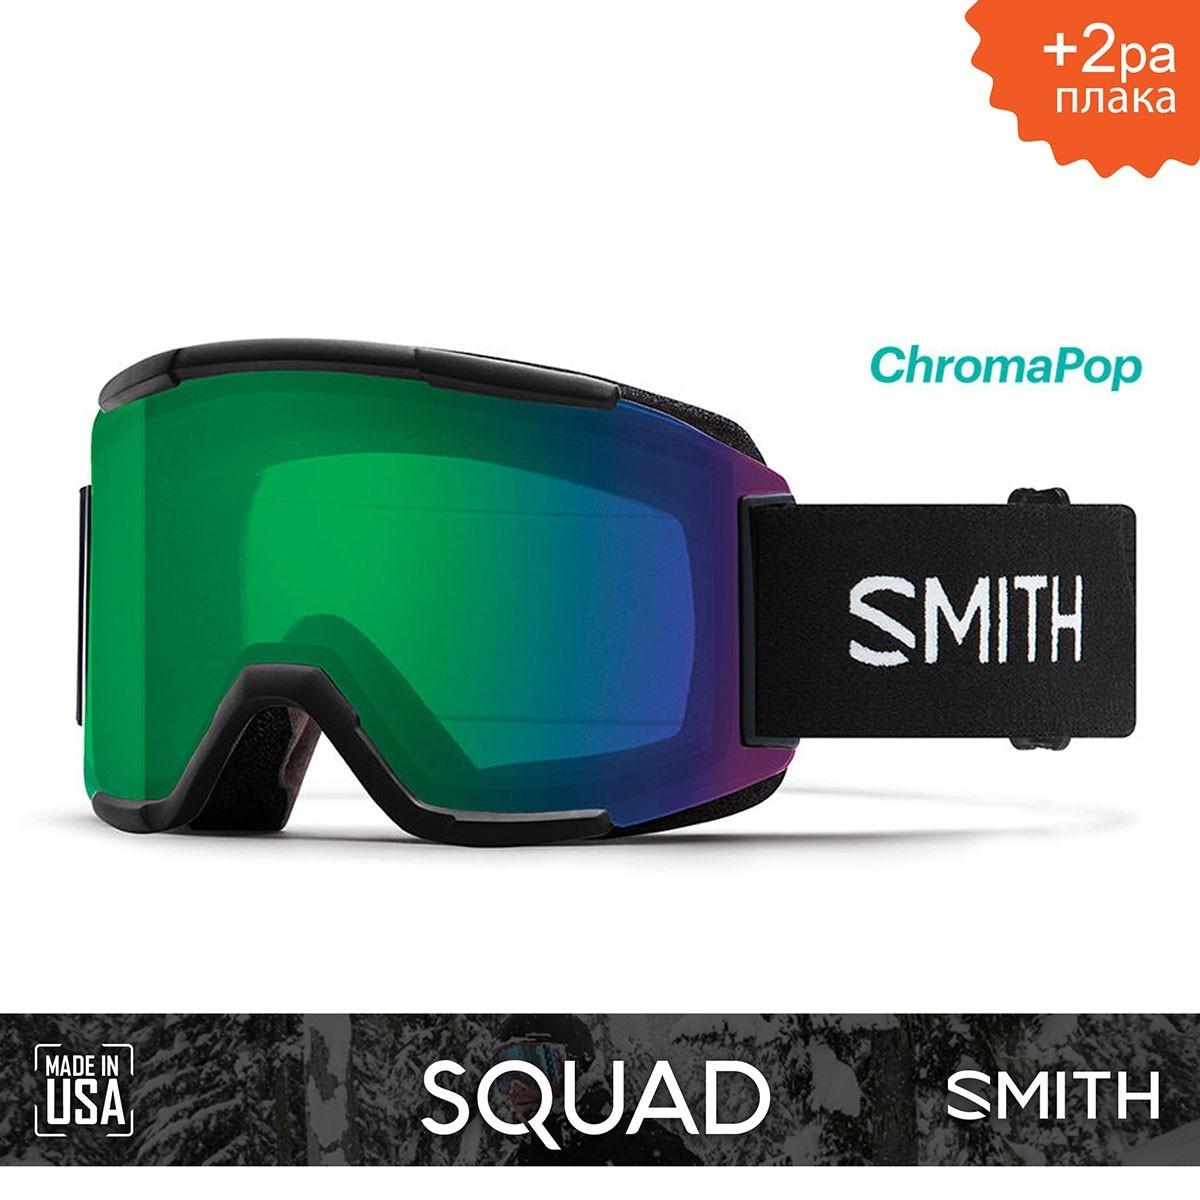 SMITH SQUAD Black | S2 CHROMAPOP Everyday Green Mirror - Изображение - AQUAMATRIX